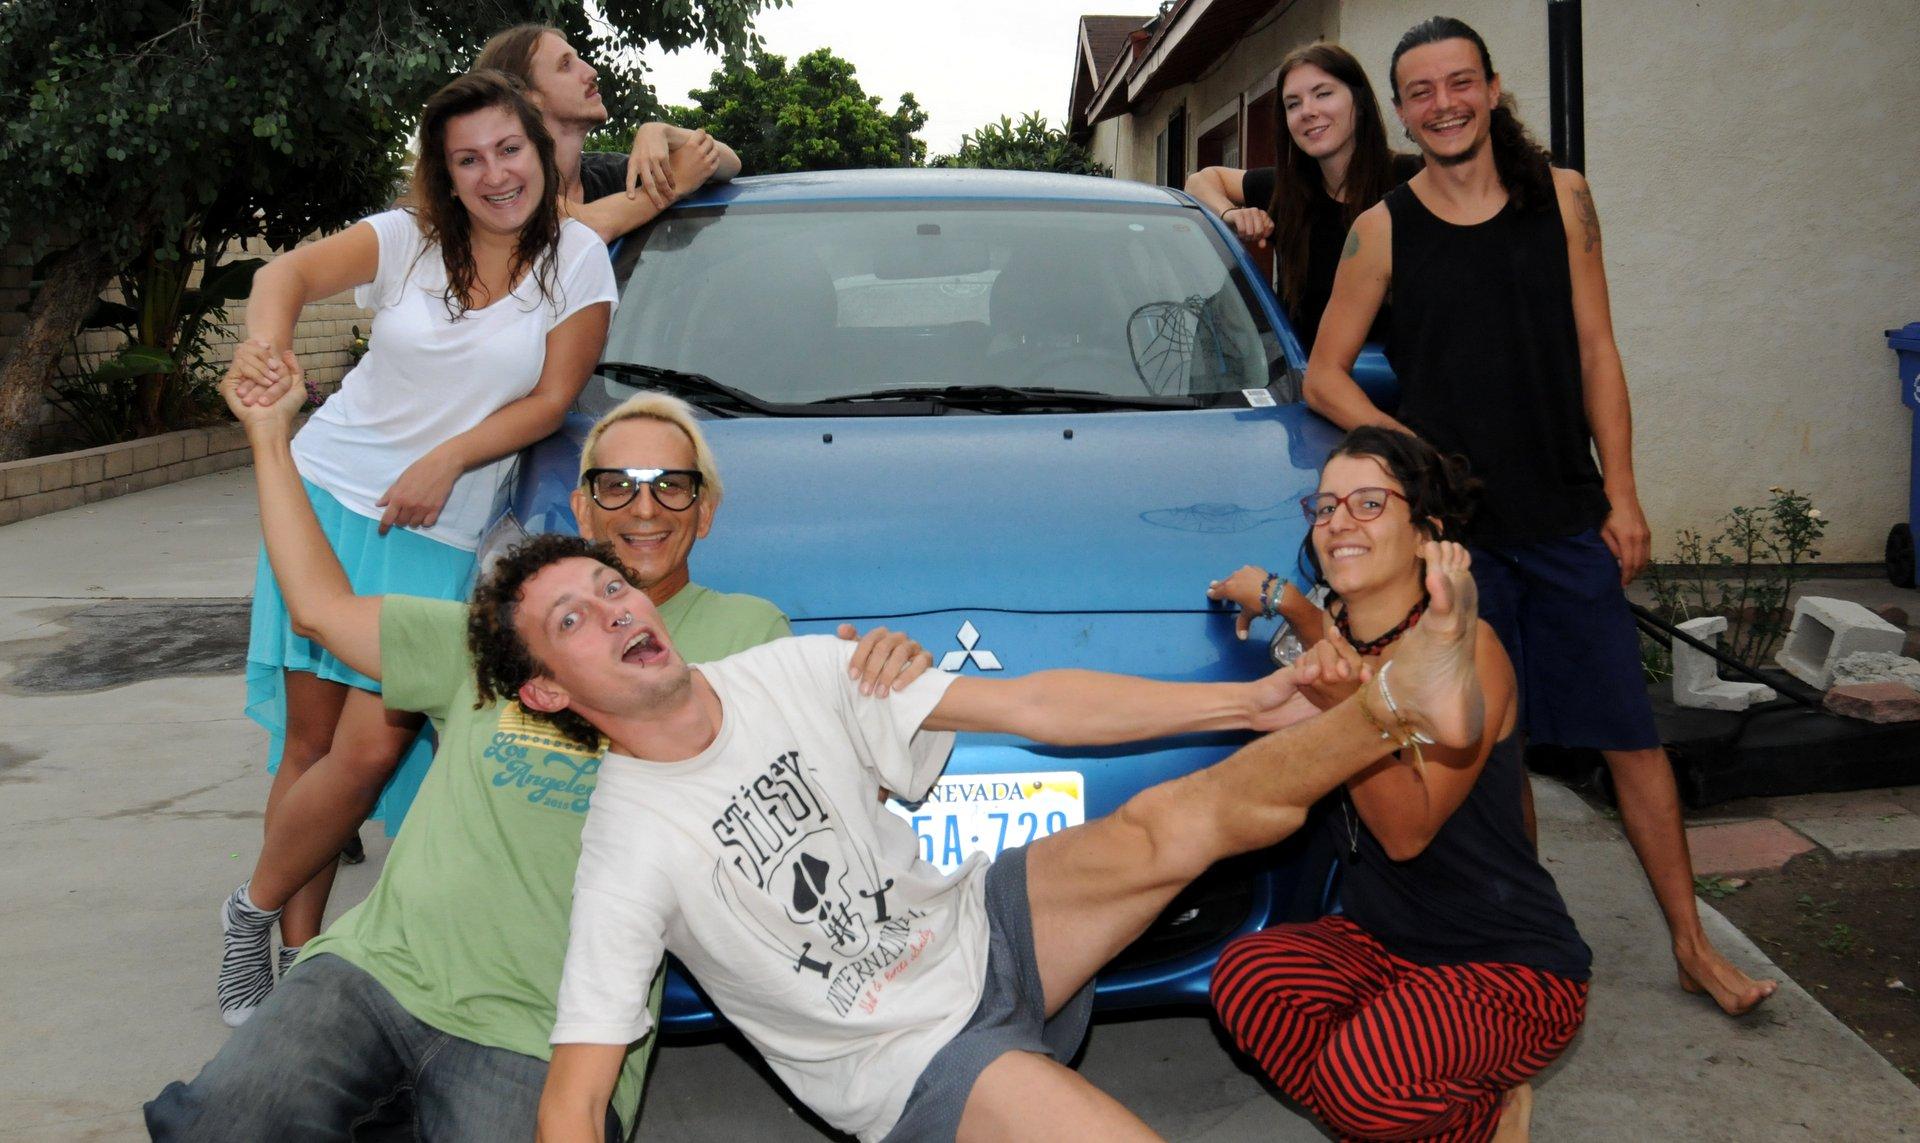 7 people posing around a car